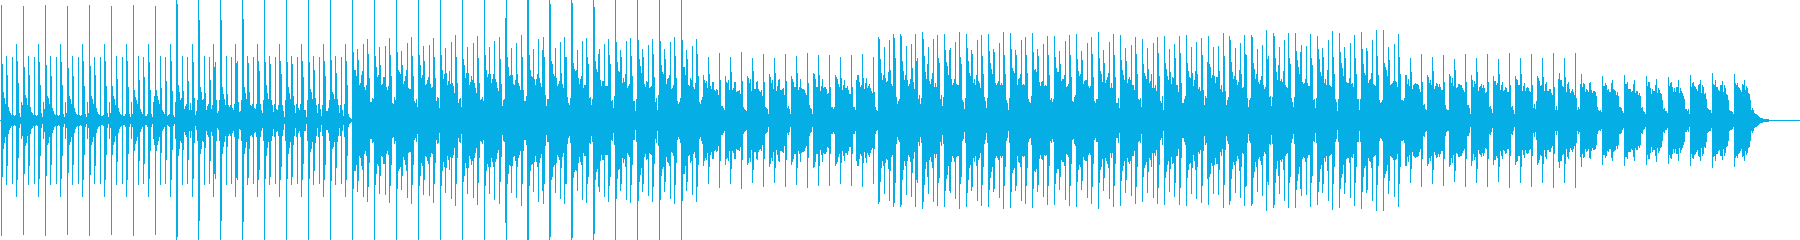 lo-fi/Hip-hop/Chillの再生済みの波形